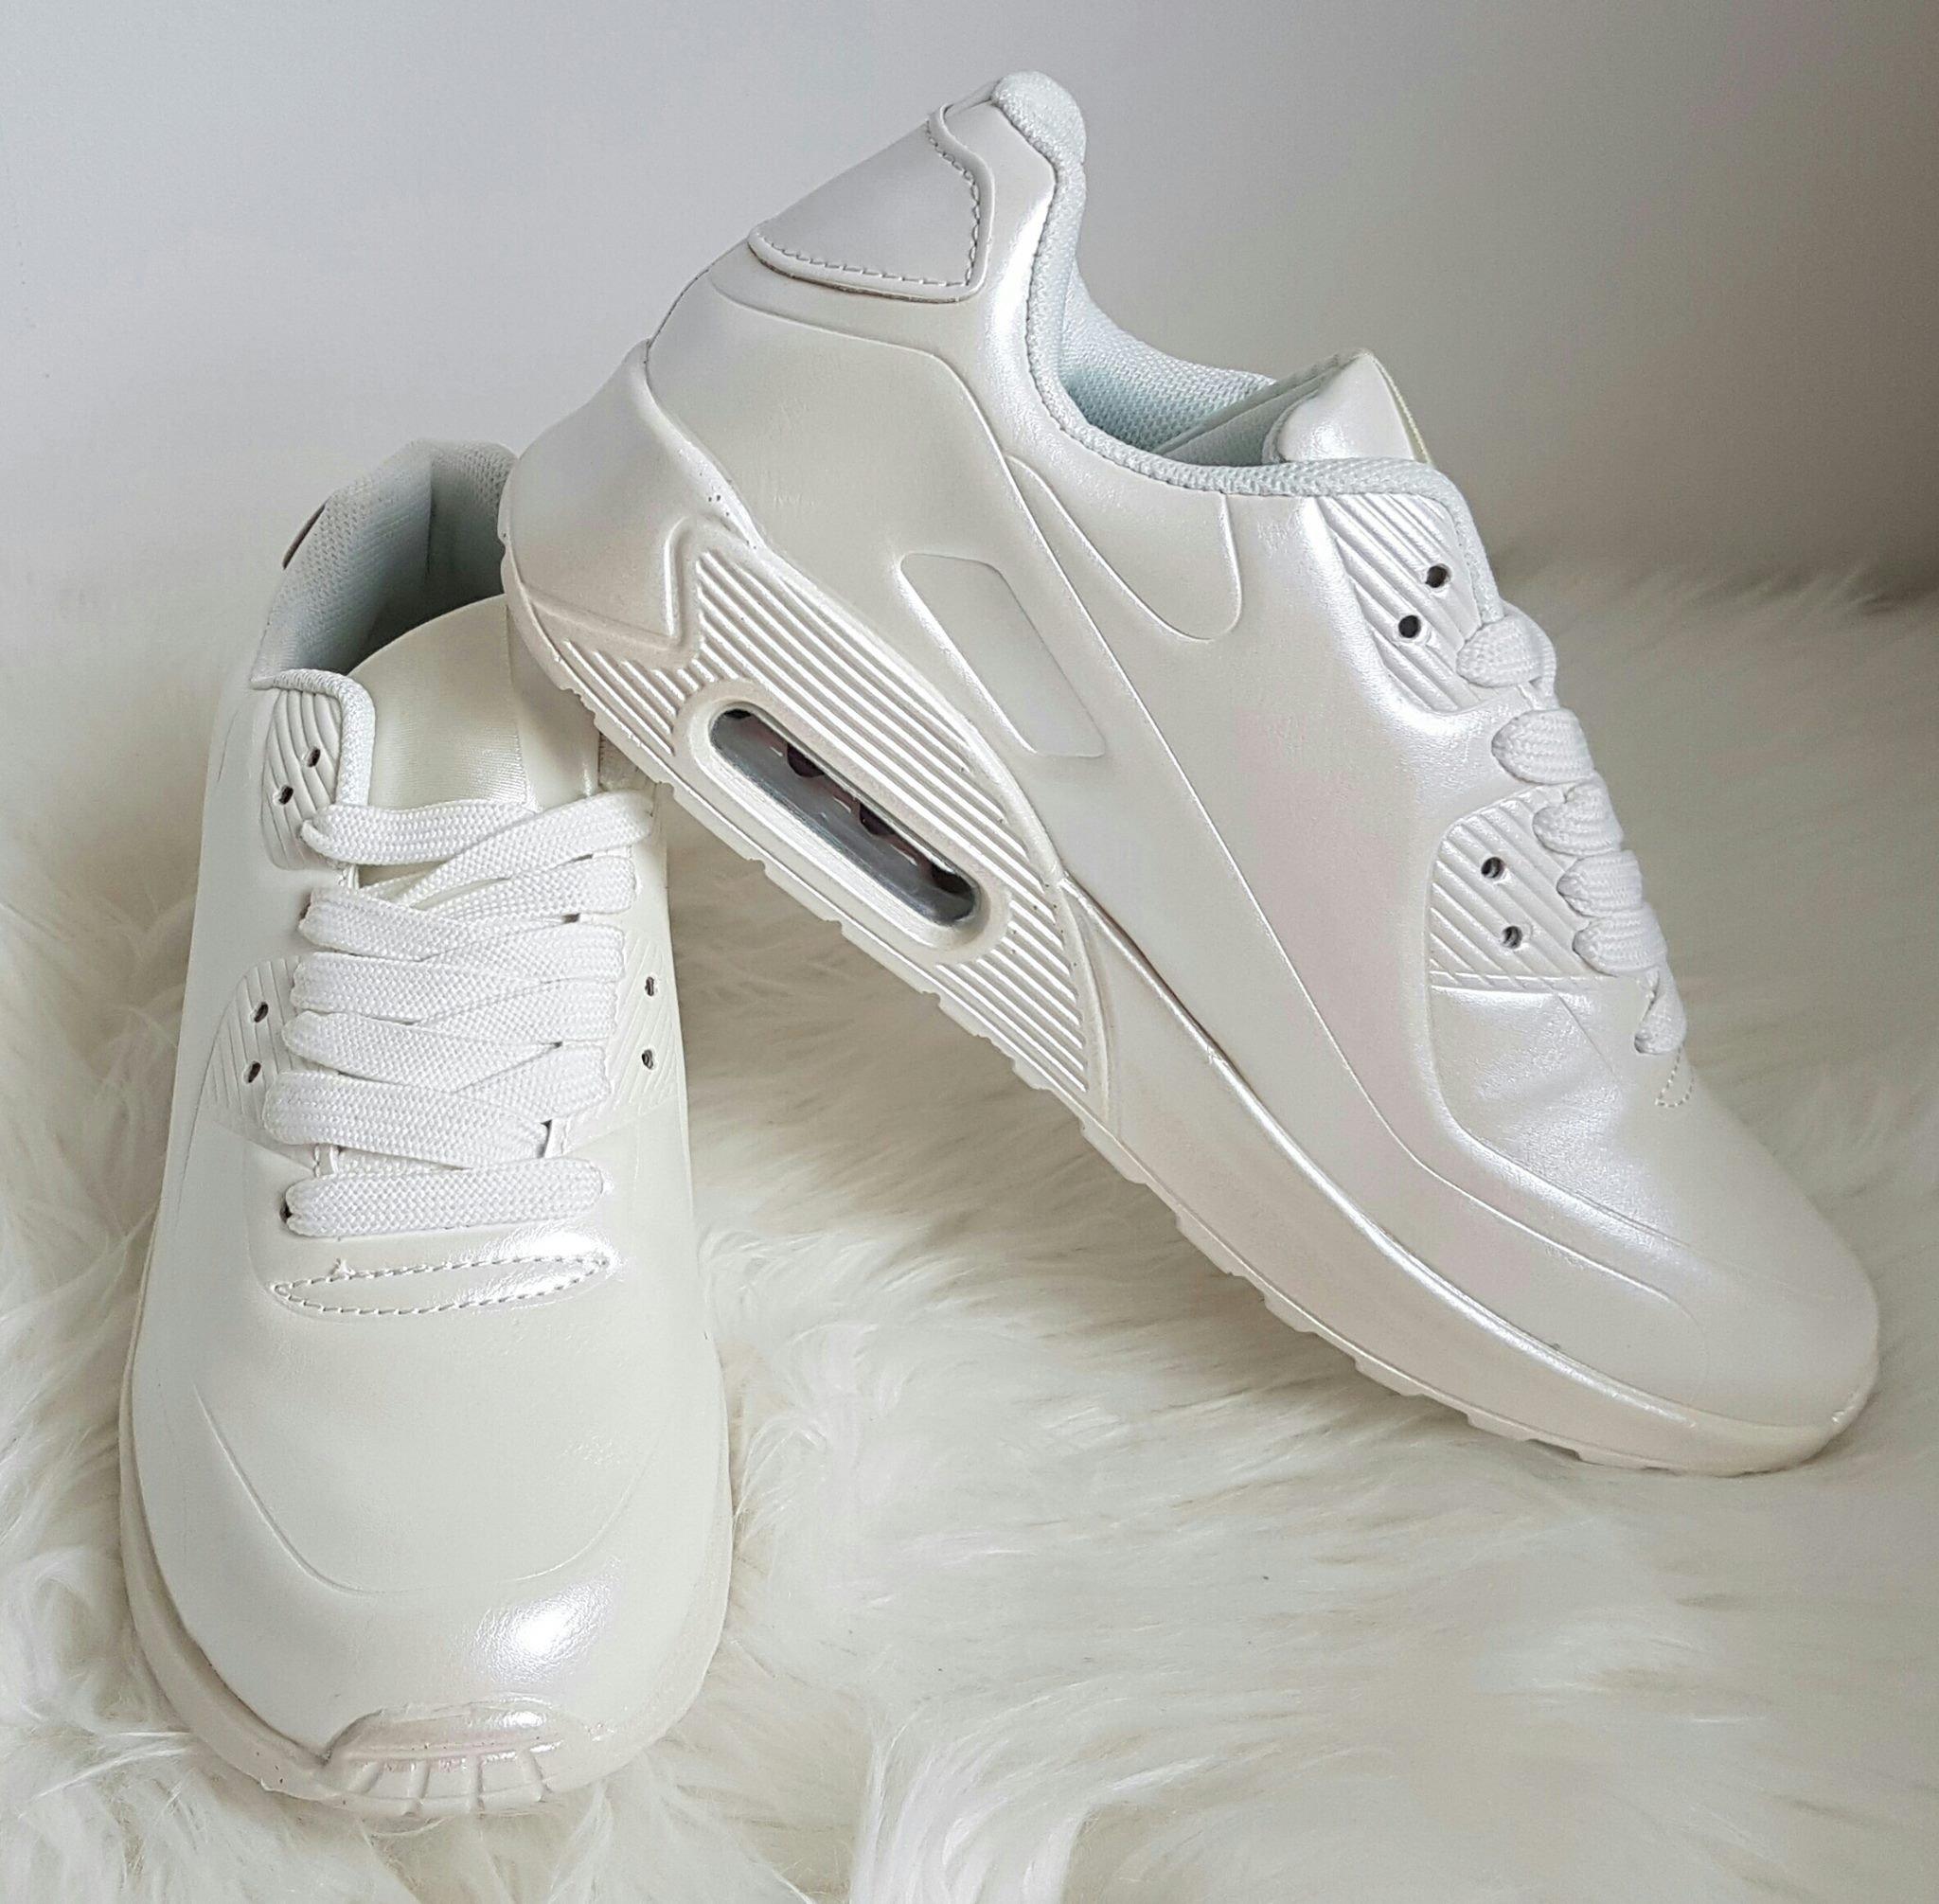 710d3bc269 botasky v štýle air max perleťovo biele - Divalli.sk